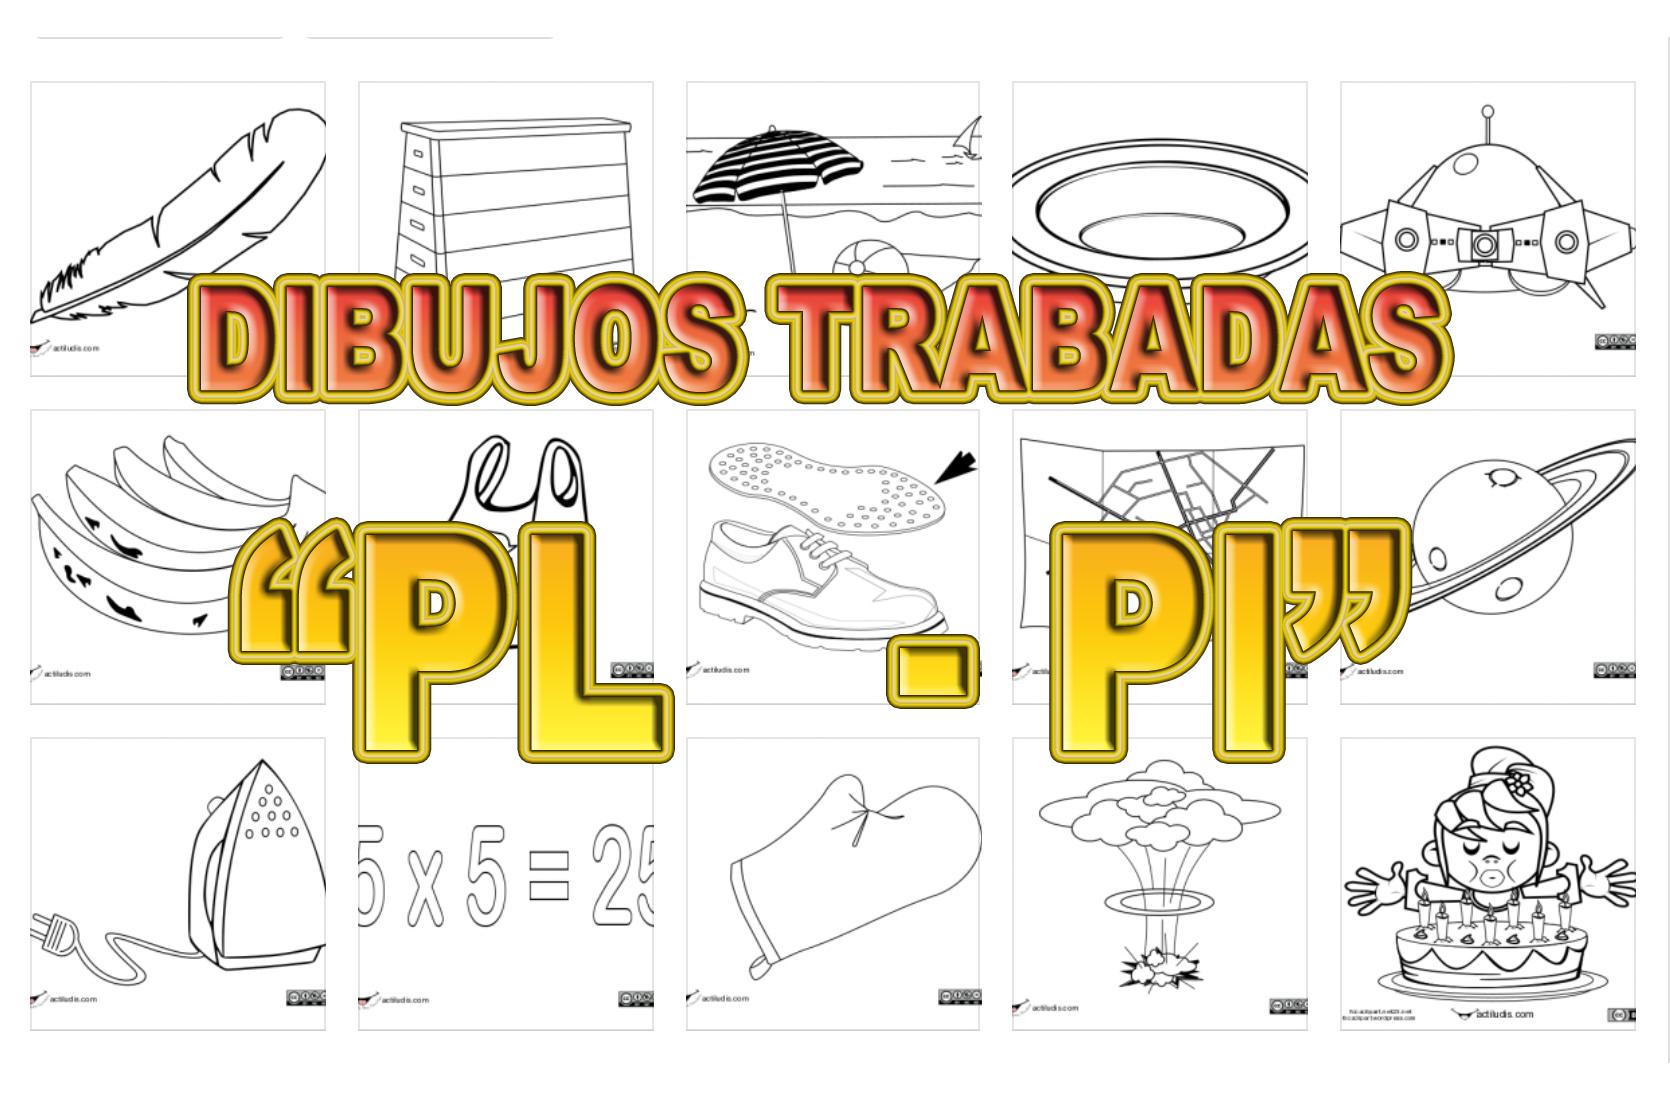 Dibujos Con La Trabada Br: Trabadas Pl